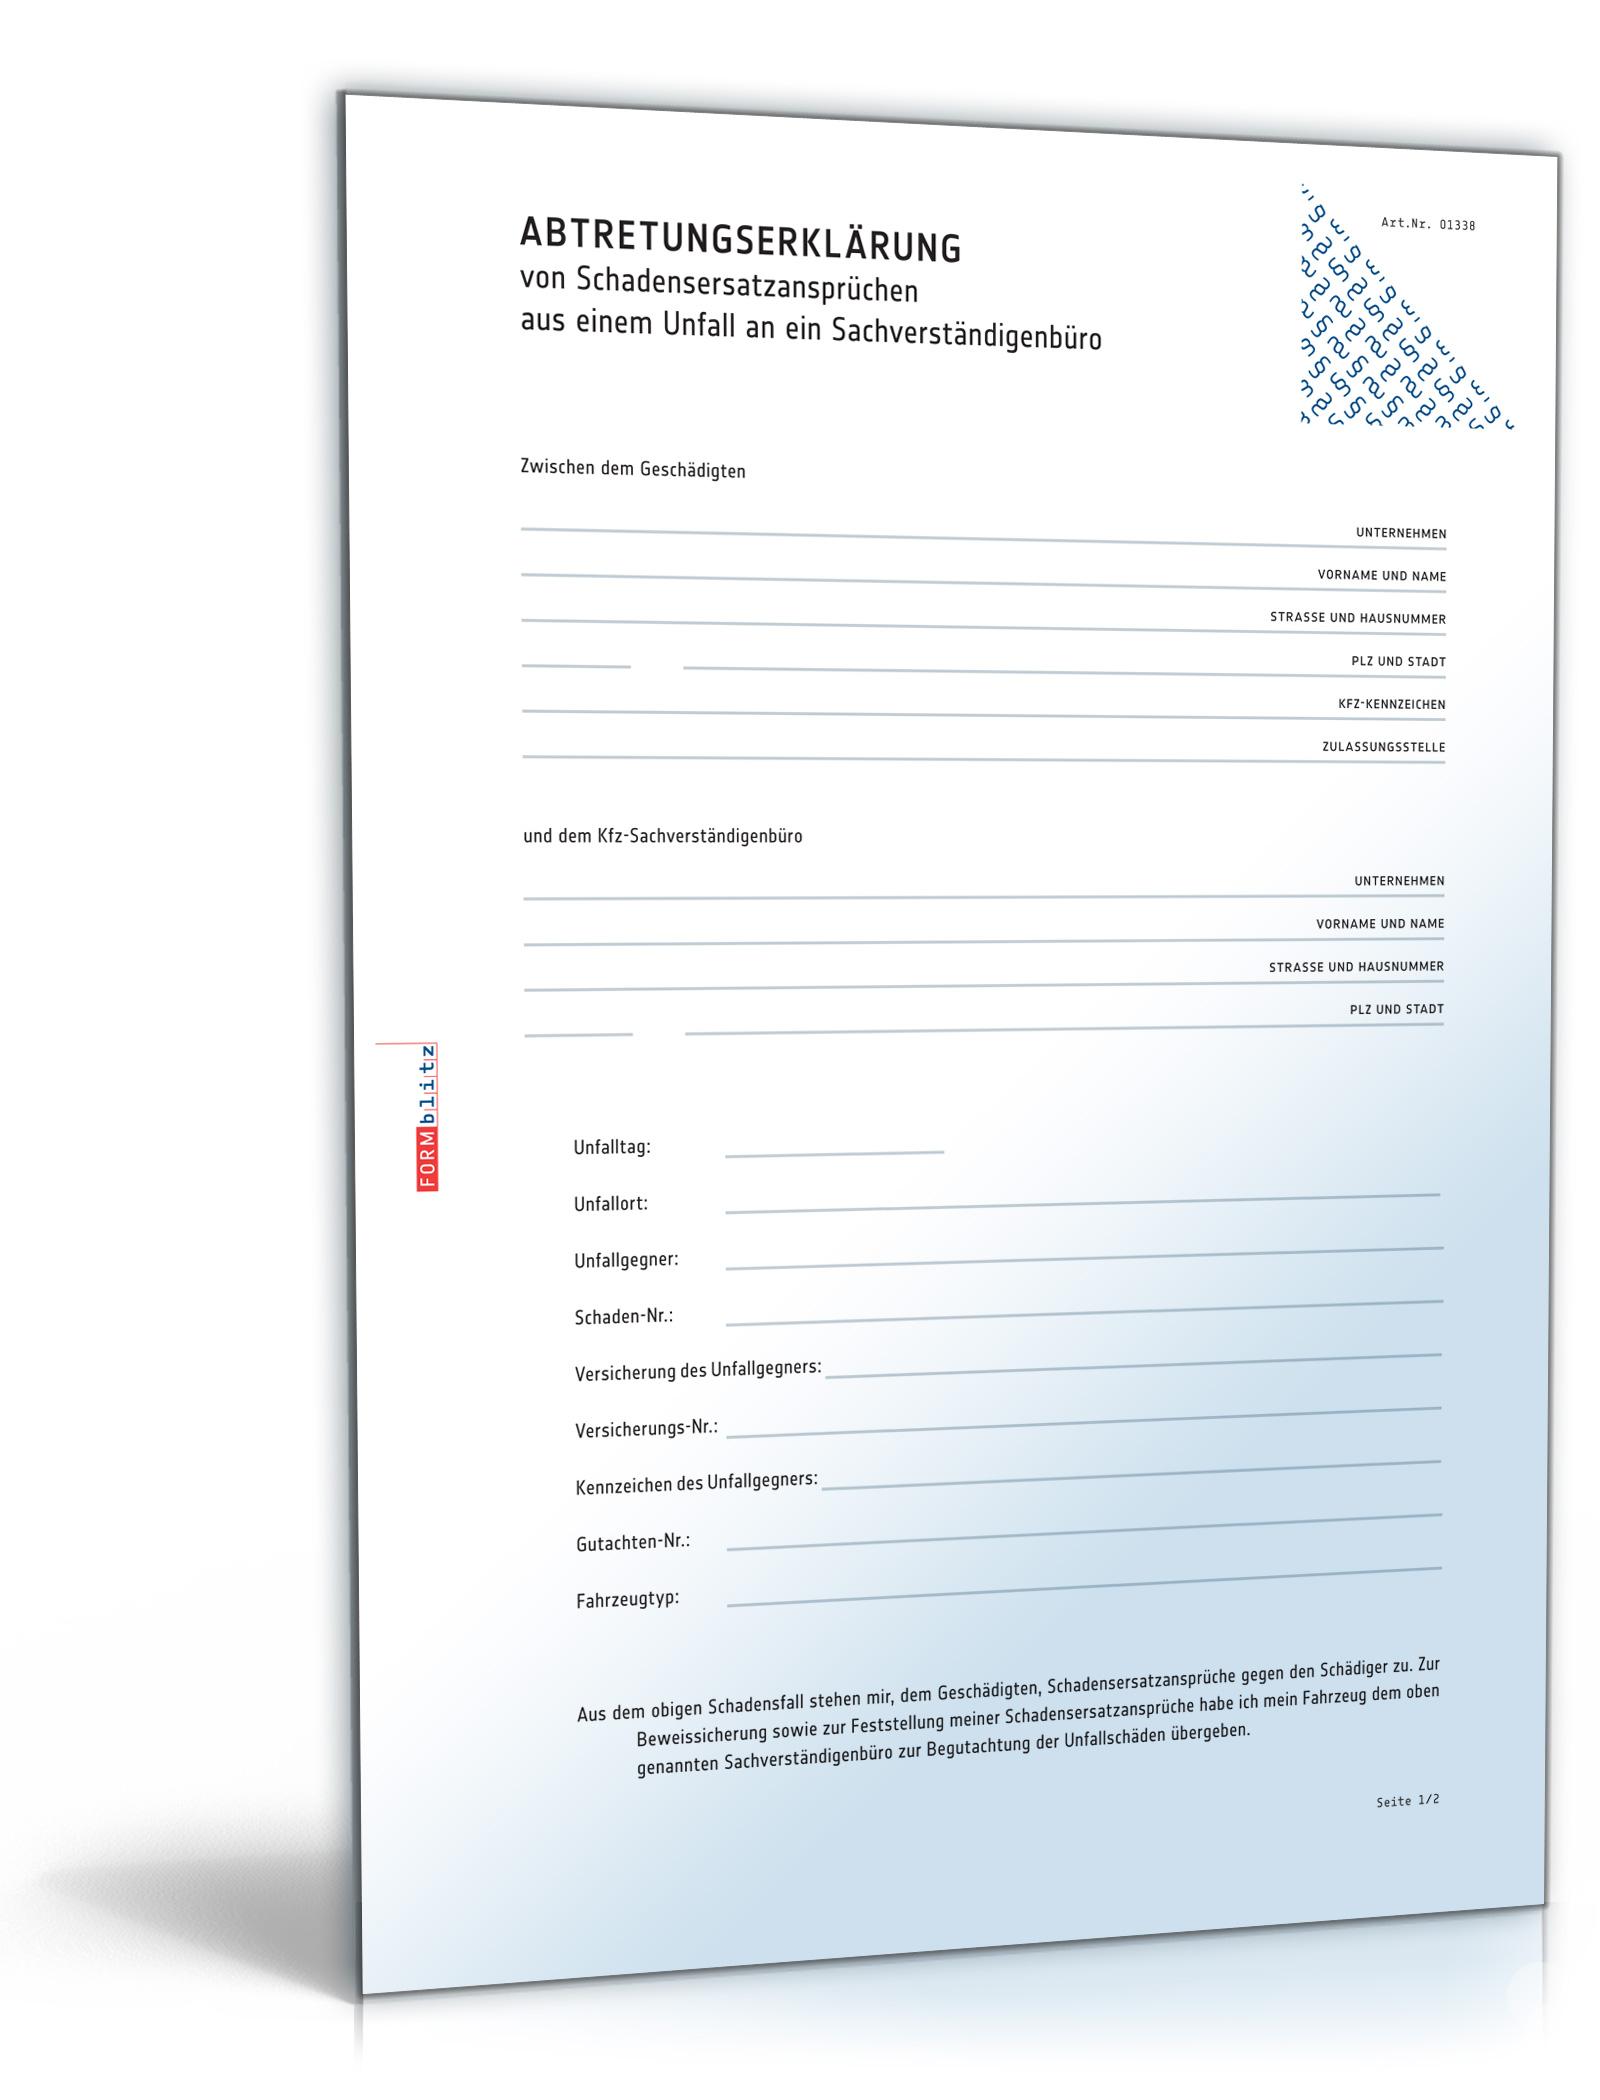 abtretung einer lebensversicherung formular